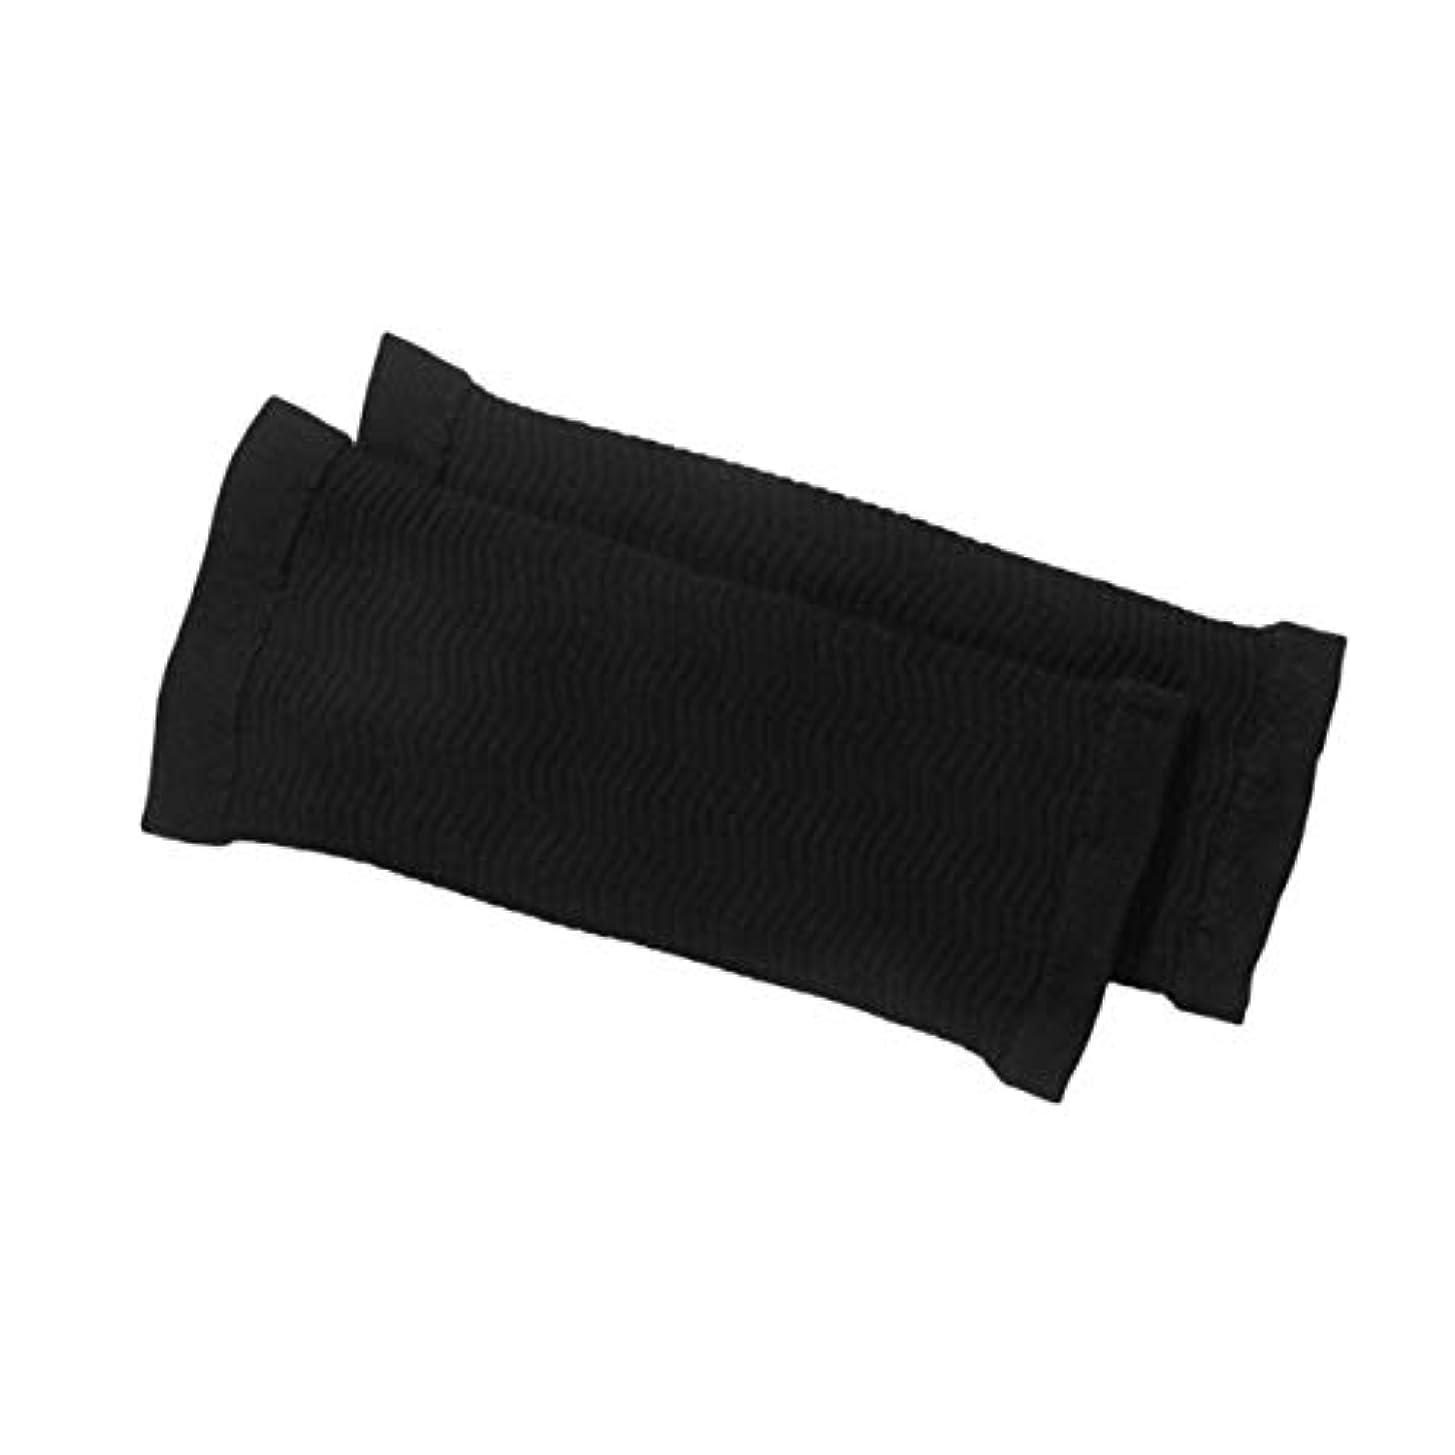 化学薬品税金手つかずの1ペア420 D圧縮痩身アームスリーブワークアウトトーニングバーンセルライトシェイパー脂肪燃焼袖用女性 - 黒